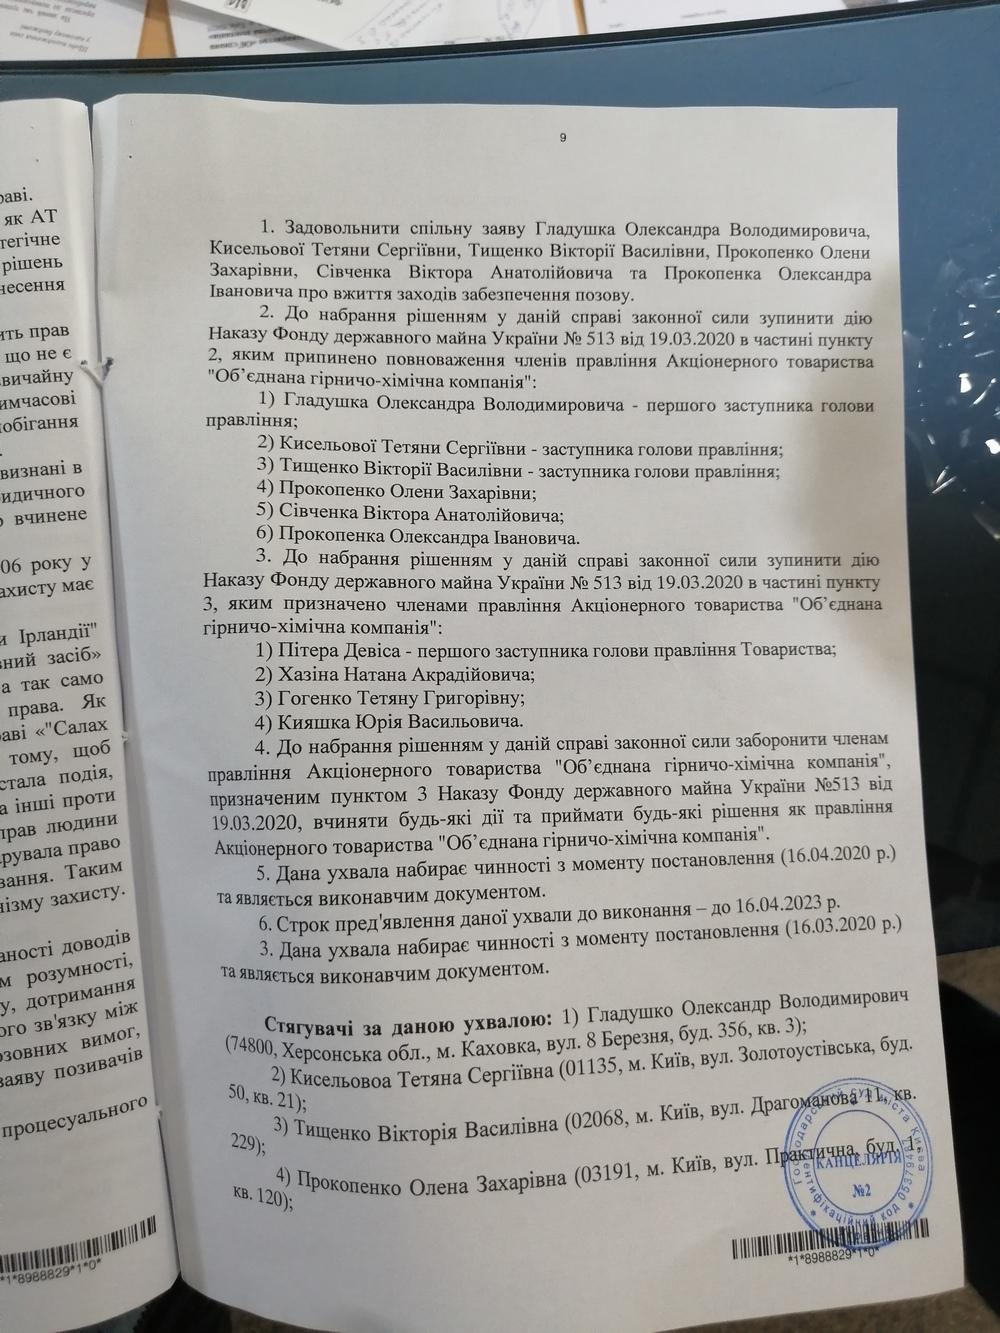 """Фонд госимущества заявил о захвате ОГХК. """"Рейдер"""" это отрицает. Детали"""